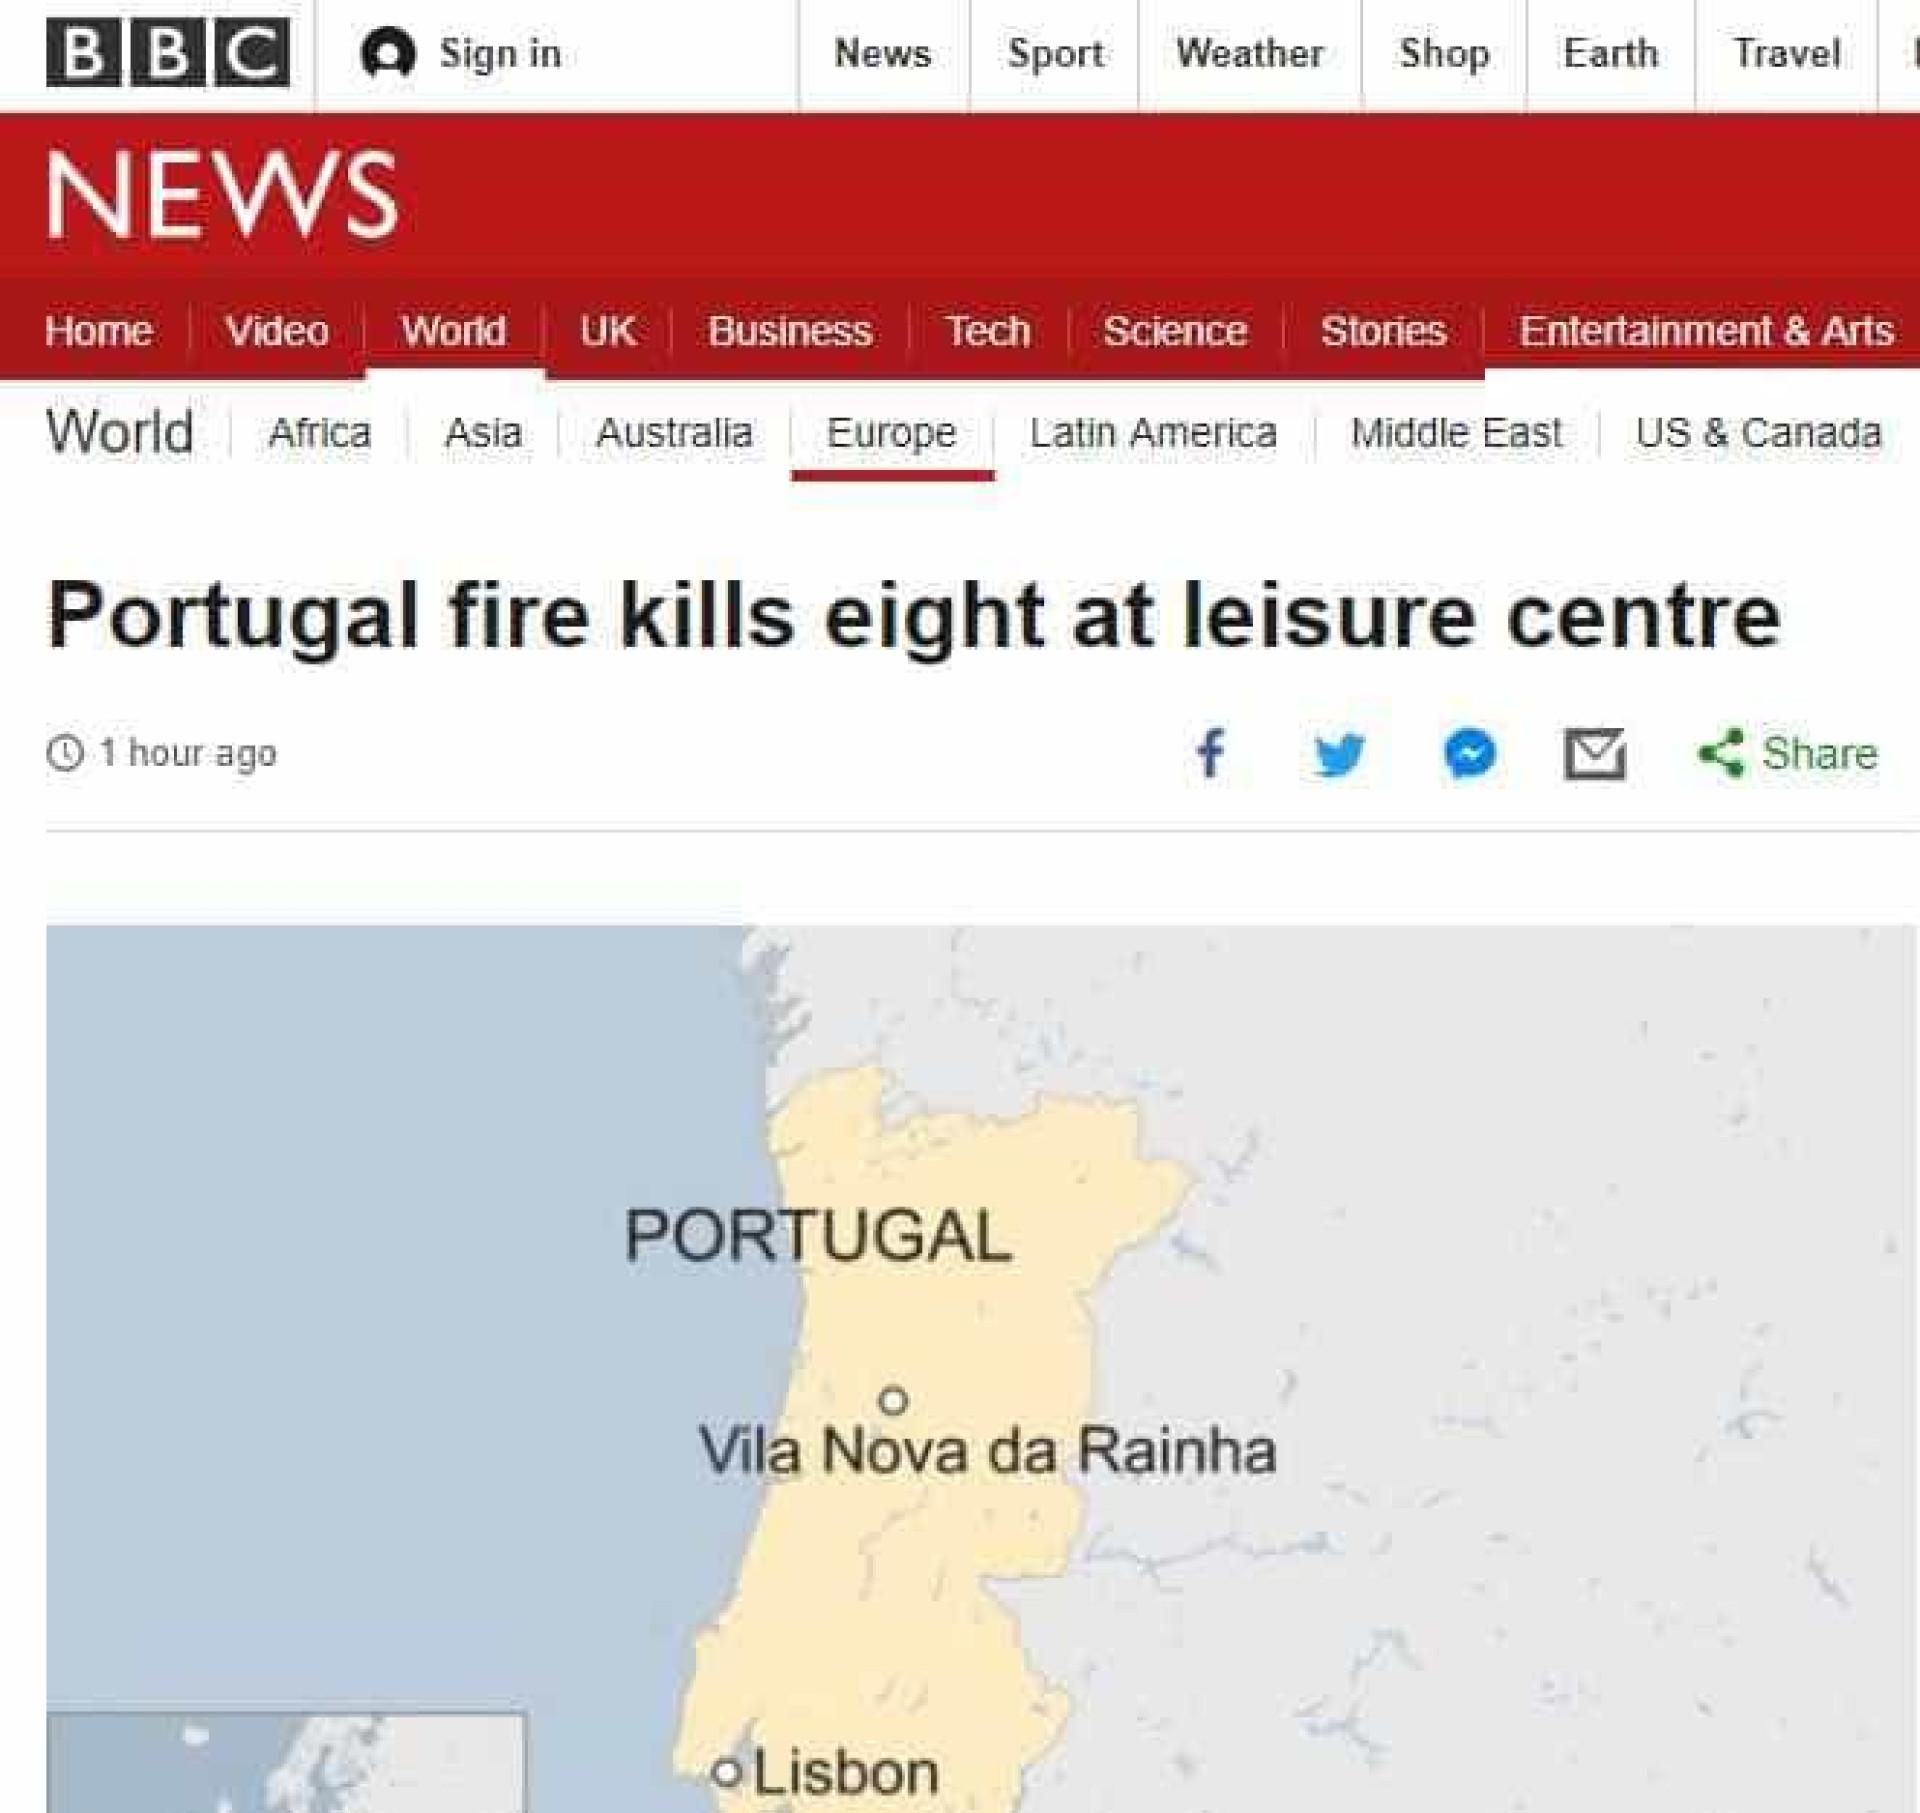 Portugal volta a ser notícia lá fora. Desta vez as razões não são boas